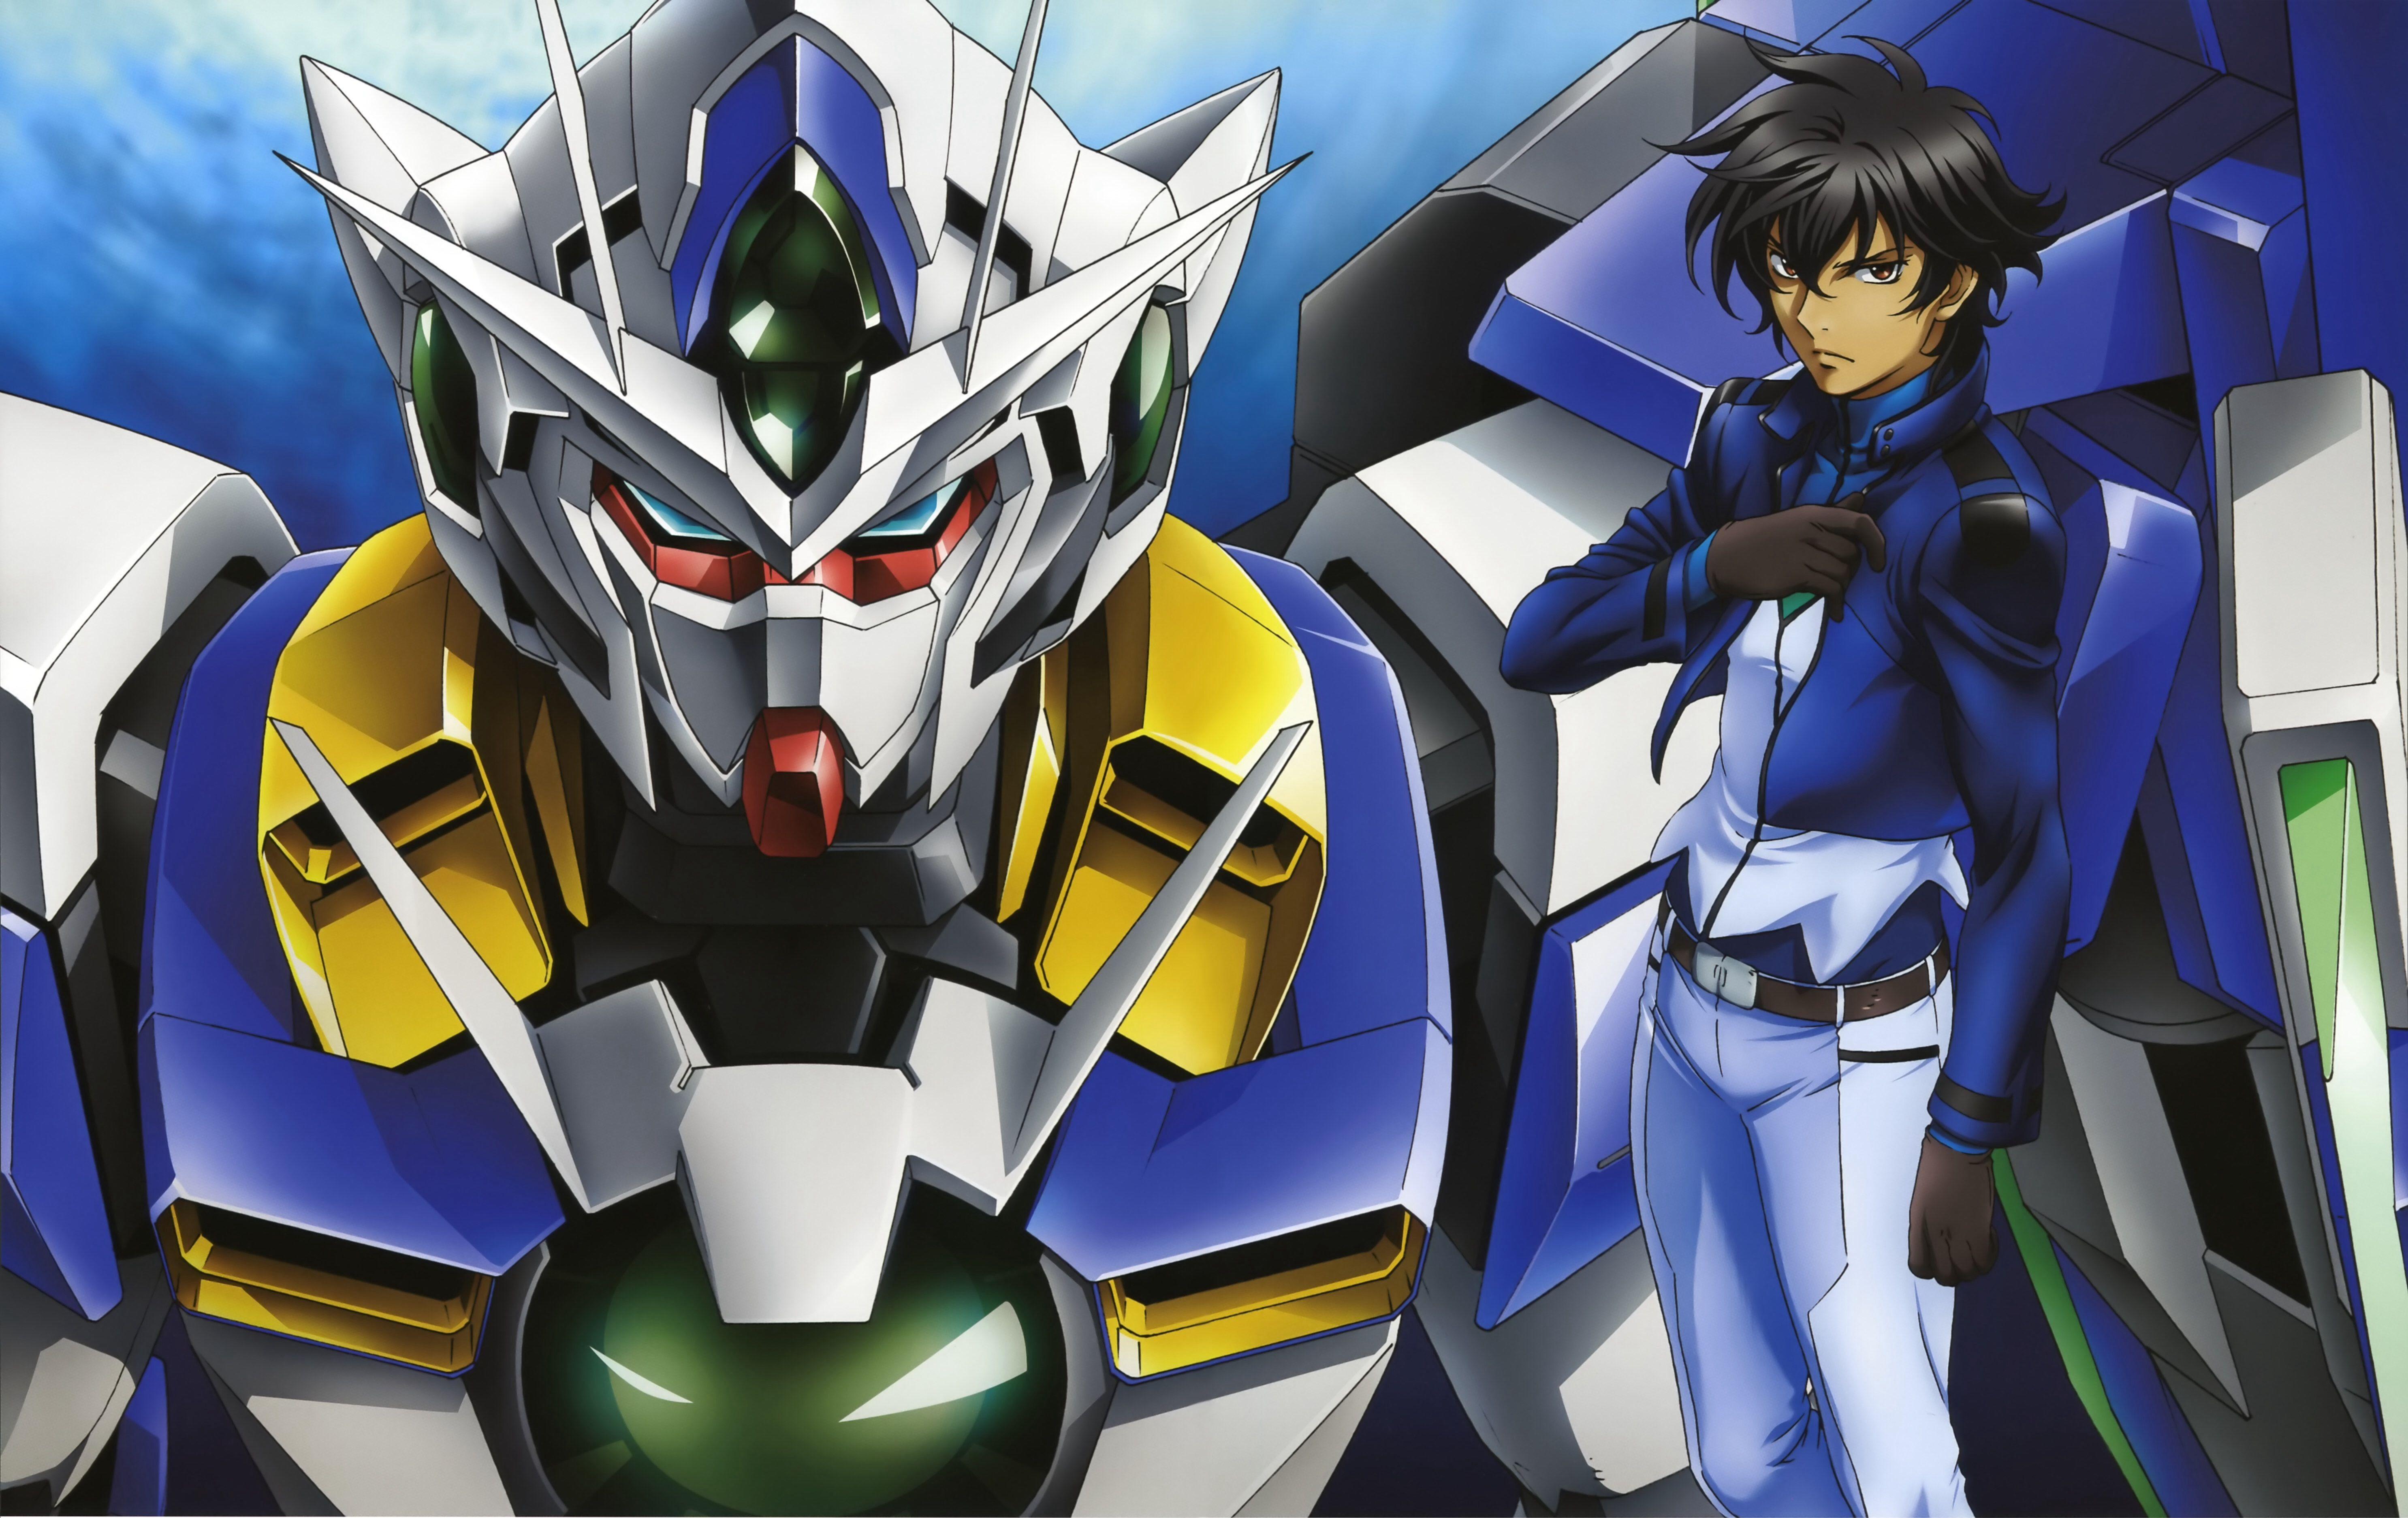 Pin By Scorpion On Gundam Fight Gundam 00 Gundam Wallpapers Gundam